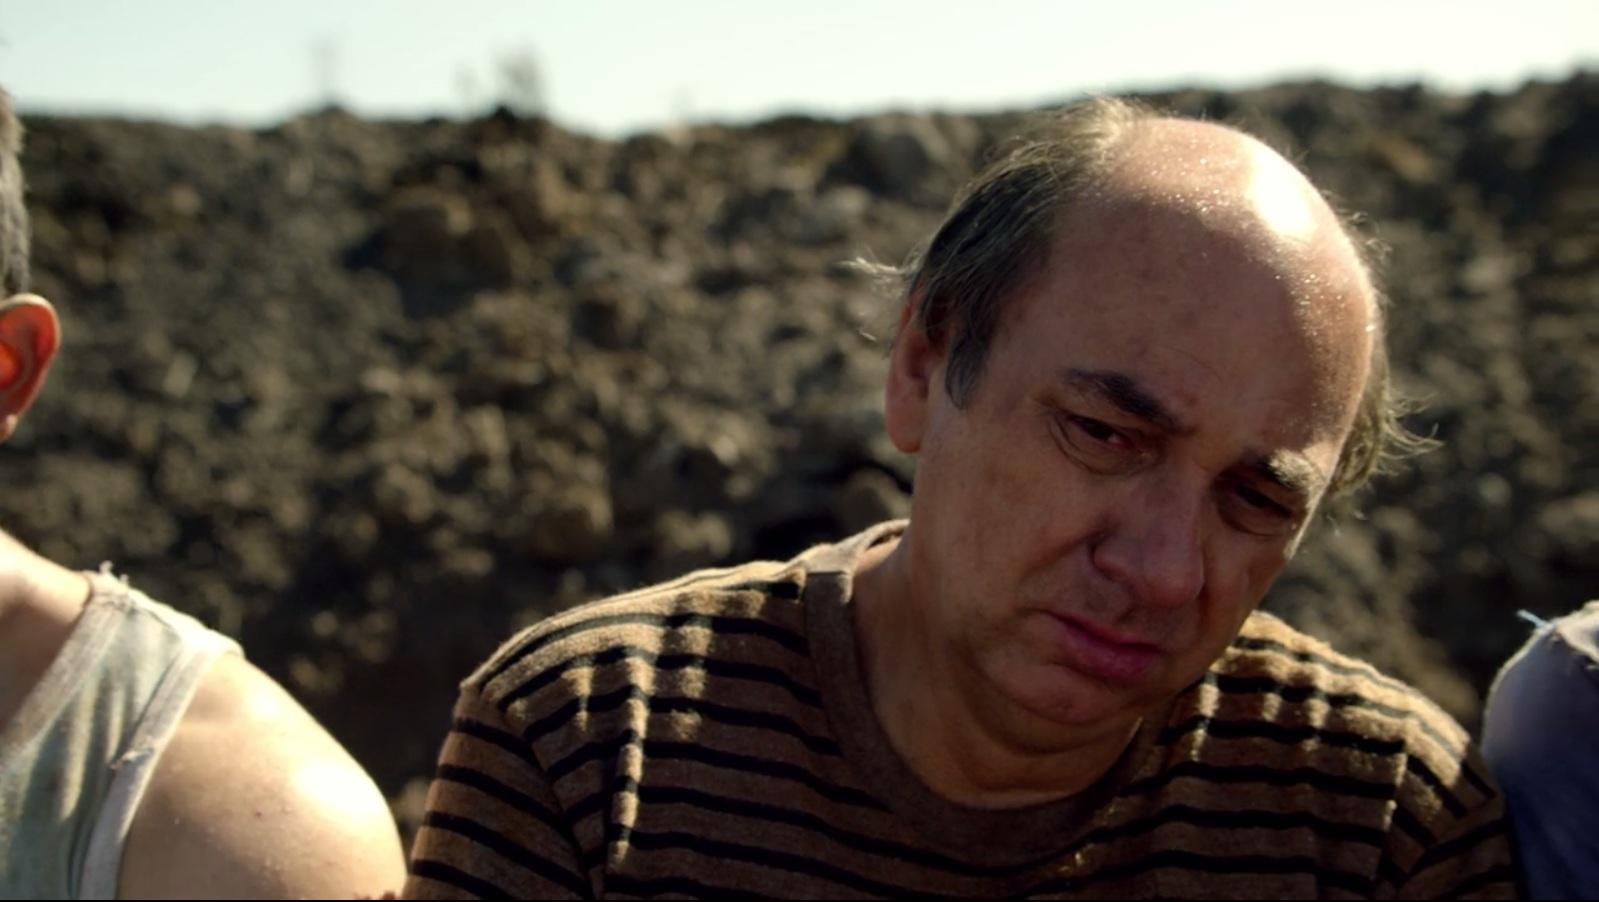 Luis Gnecco in Narcos (2015)